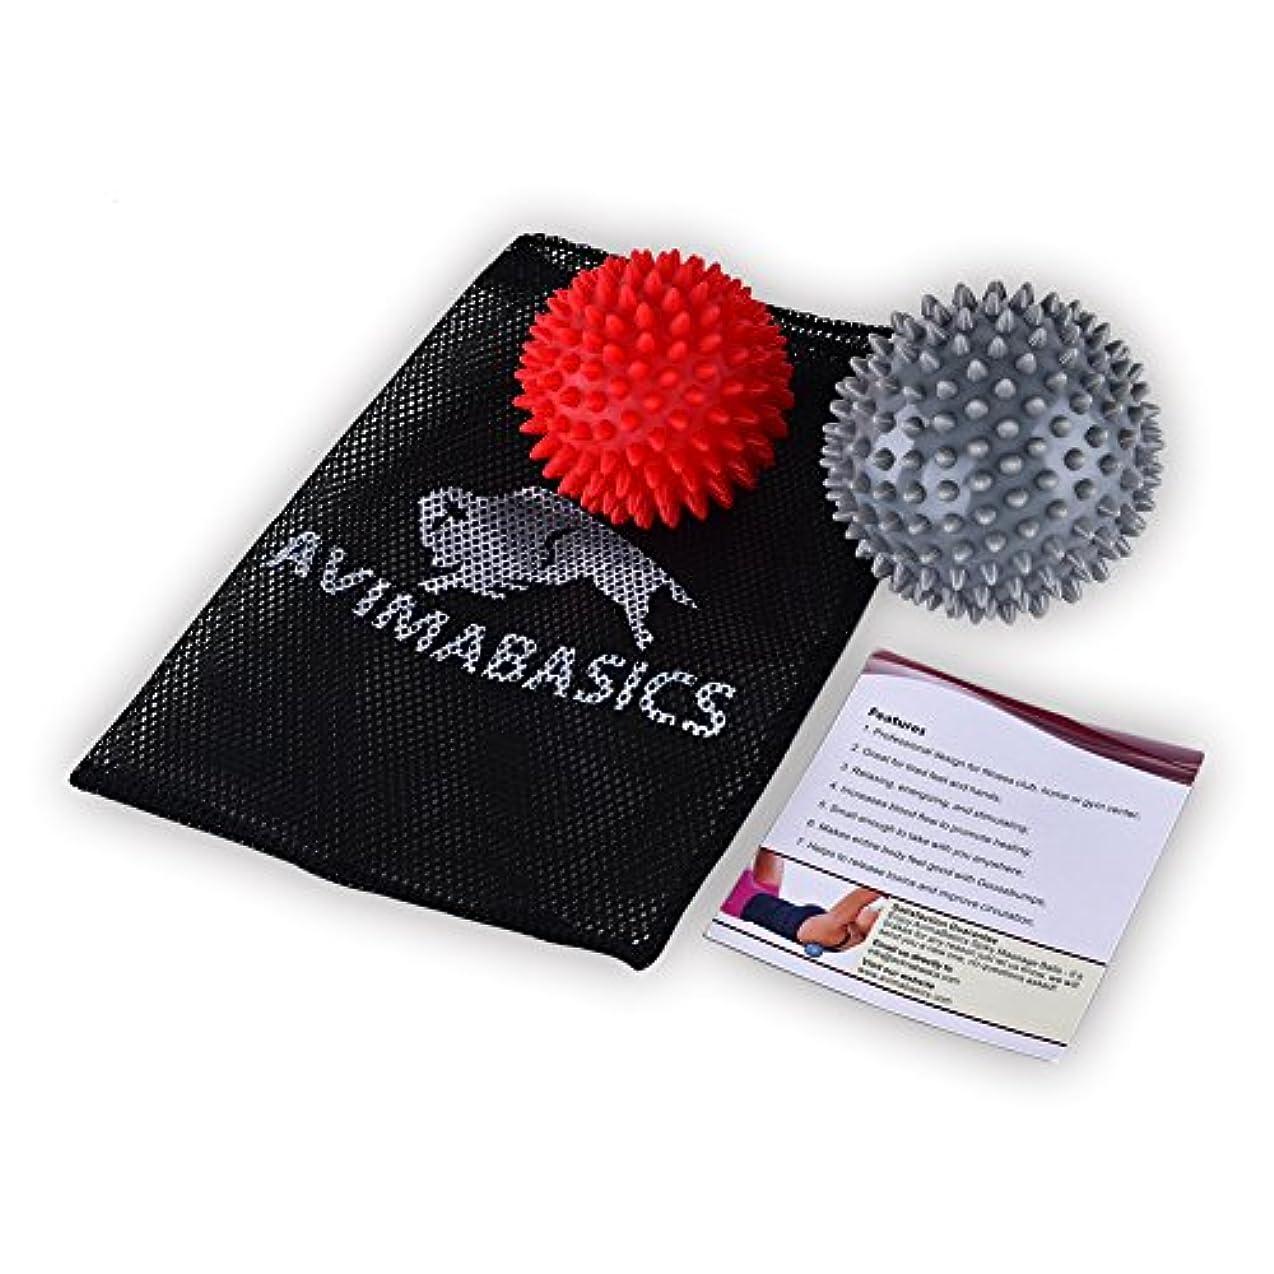 昇進重さ捧げる#1 BEST Spiky Massage Balls Reflexology Foot Body Arm Pain Stress Relief Trigger Point Sport Hand Exercise Muscle...